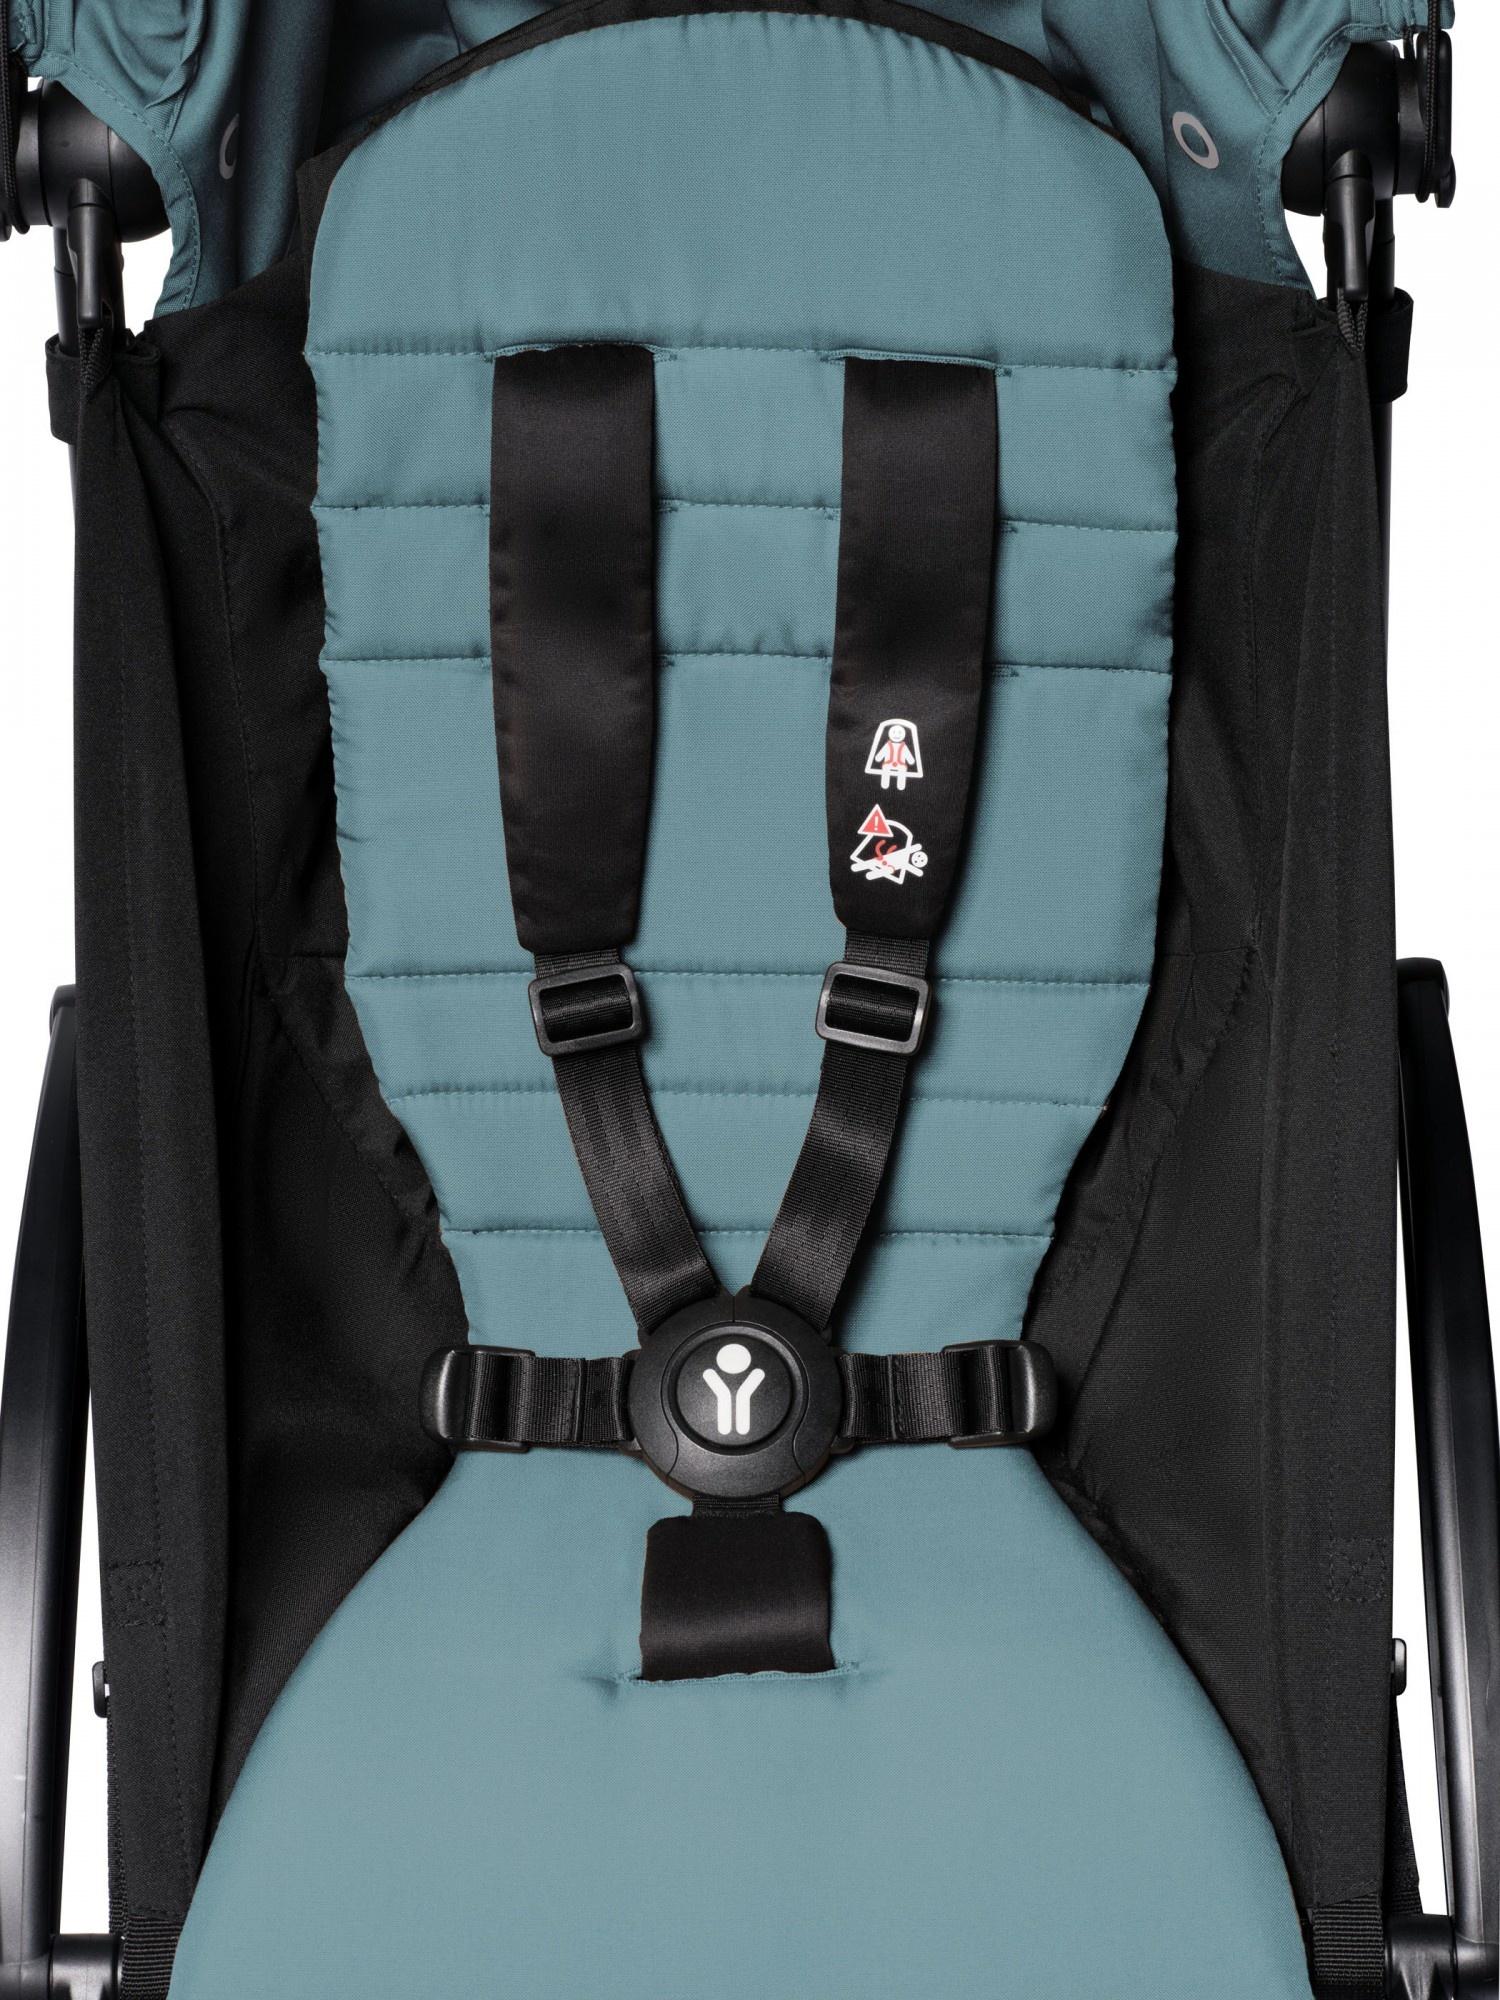 Babyzen Babyzen YOYO² Buggy VOLLSTÄNDIG von Geburt an, einschließlich YOYO² BeSafe Autositz schwarz und YOYO Bag - Aqua mit Rahmen weiß